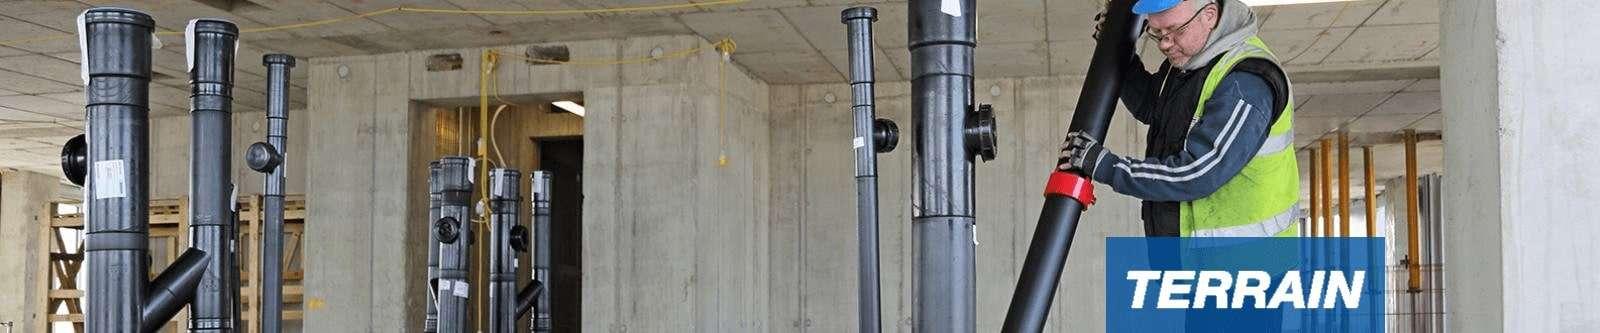 below ground drainage / underground drainage stacks